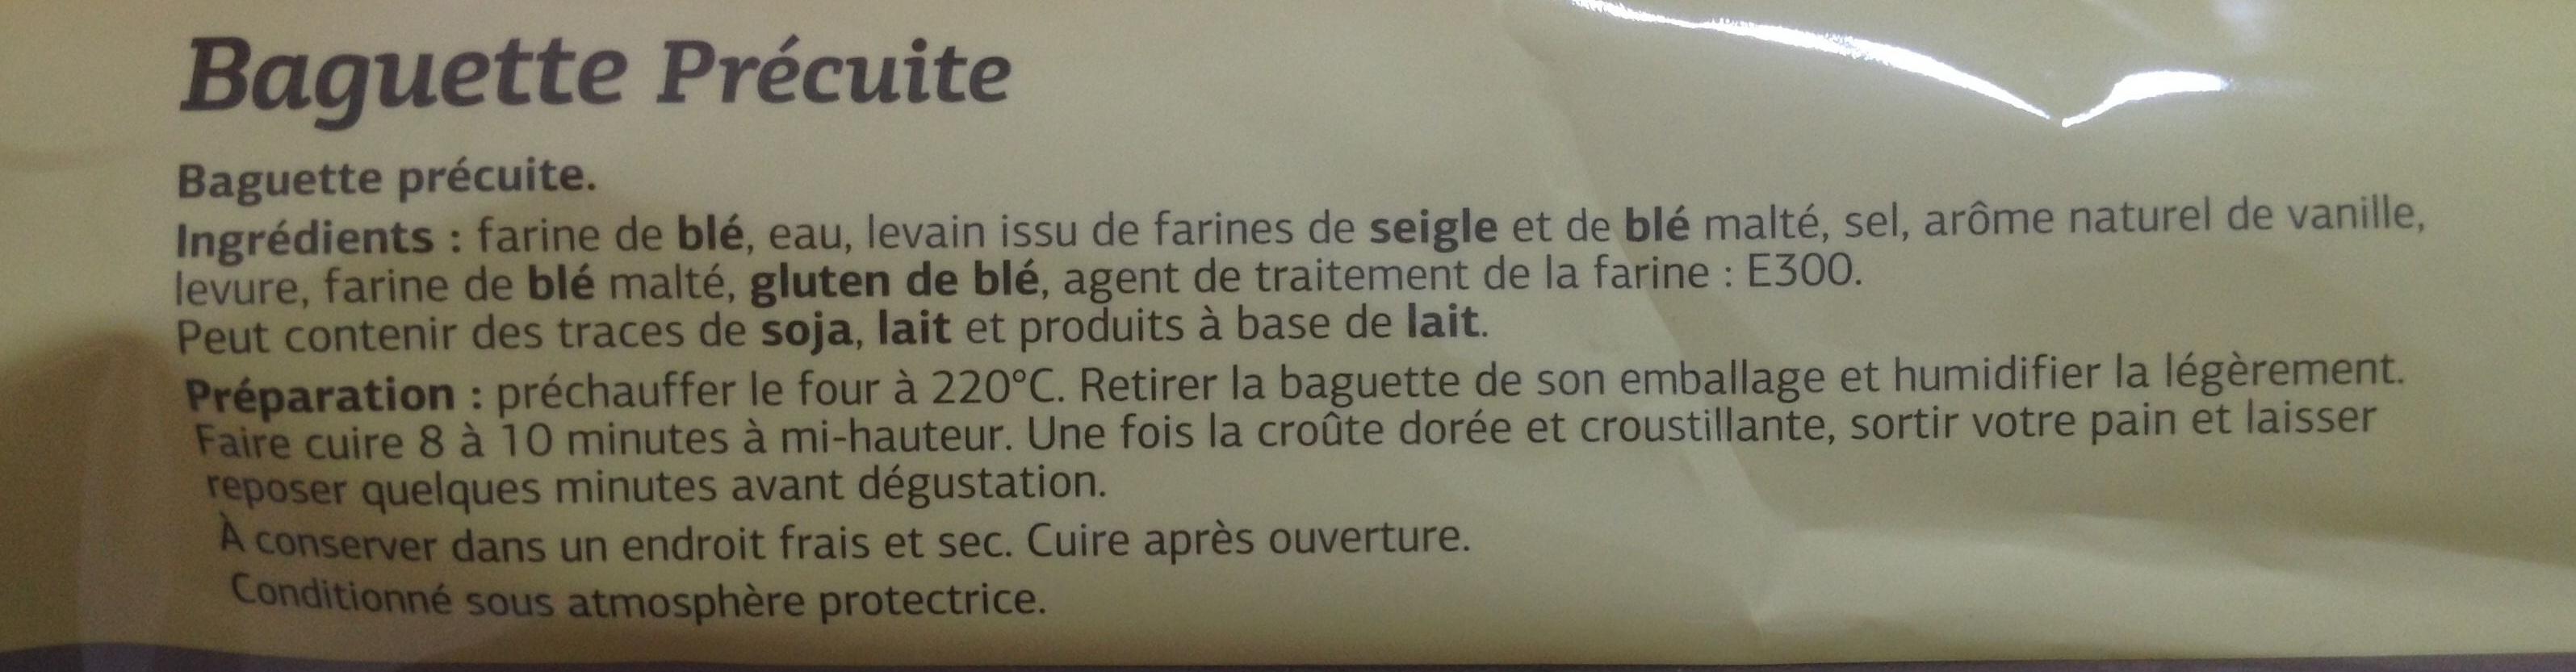 Baguette précuite - Produit